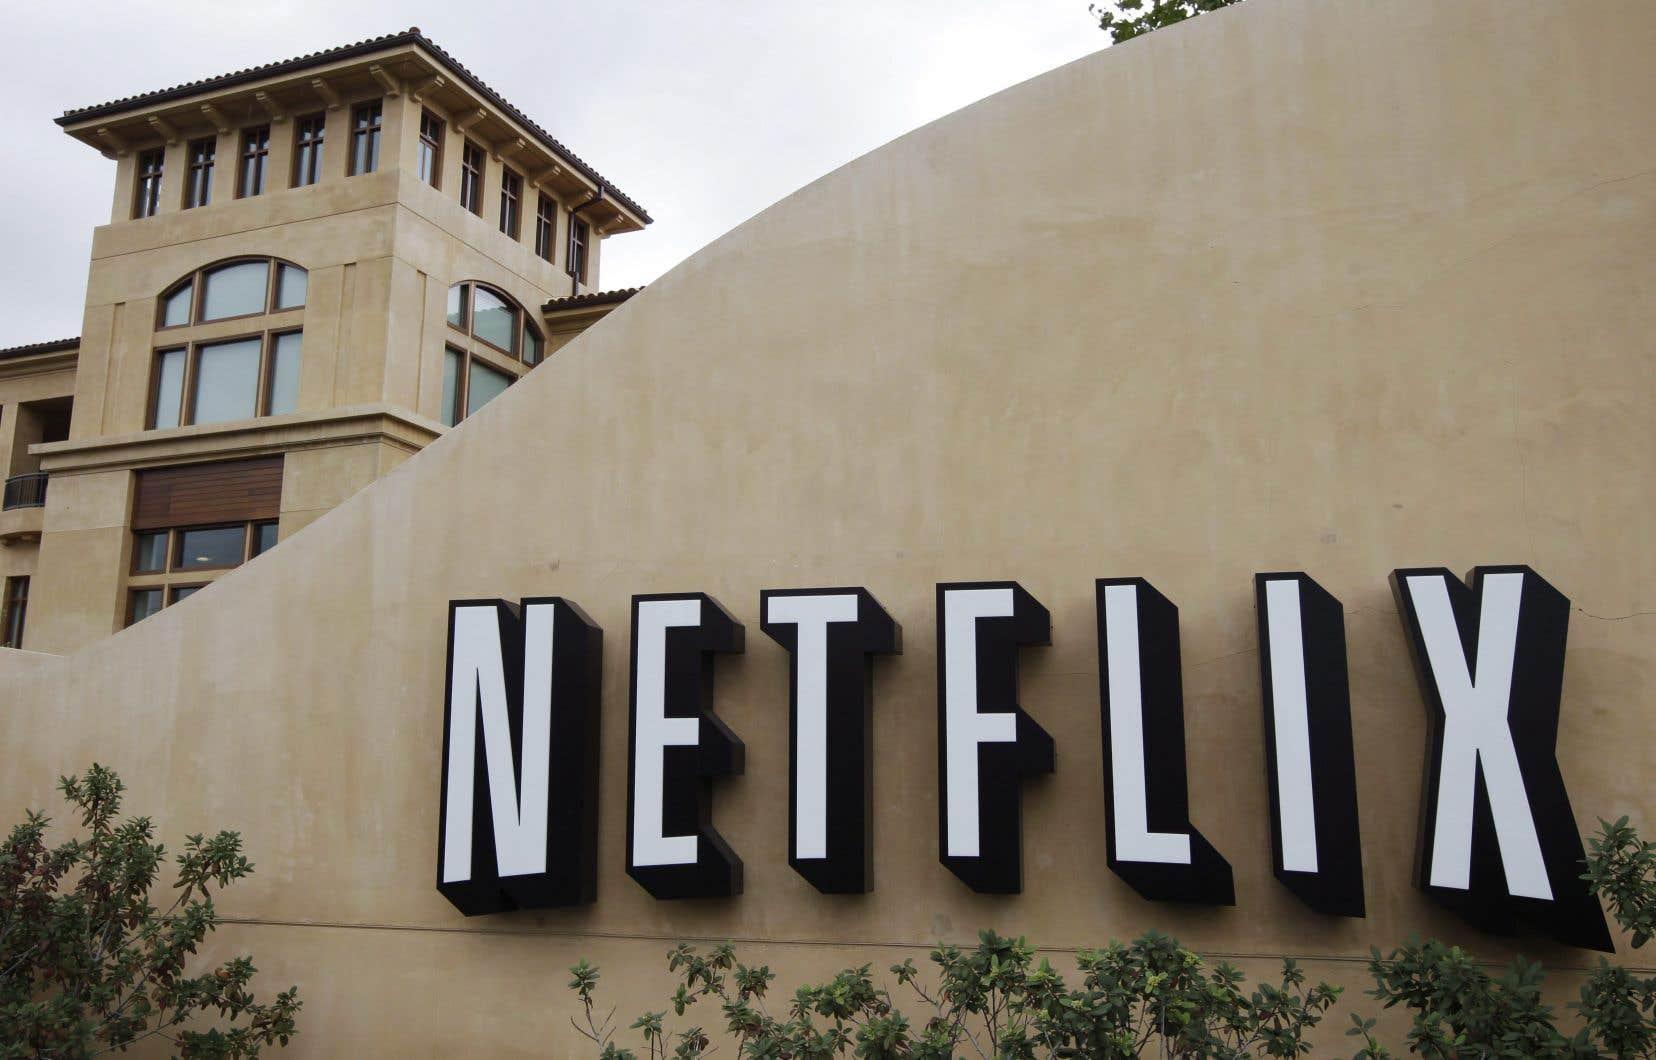 Netflix avait réagi dans les jours suivants en s'excusant d'avoir employé les images… mais en laissant la situation en l'état.